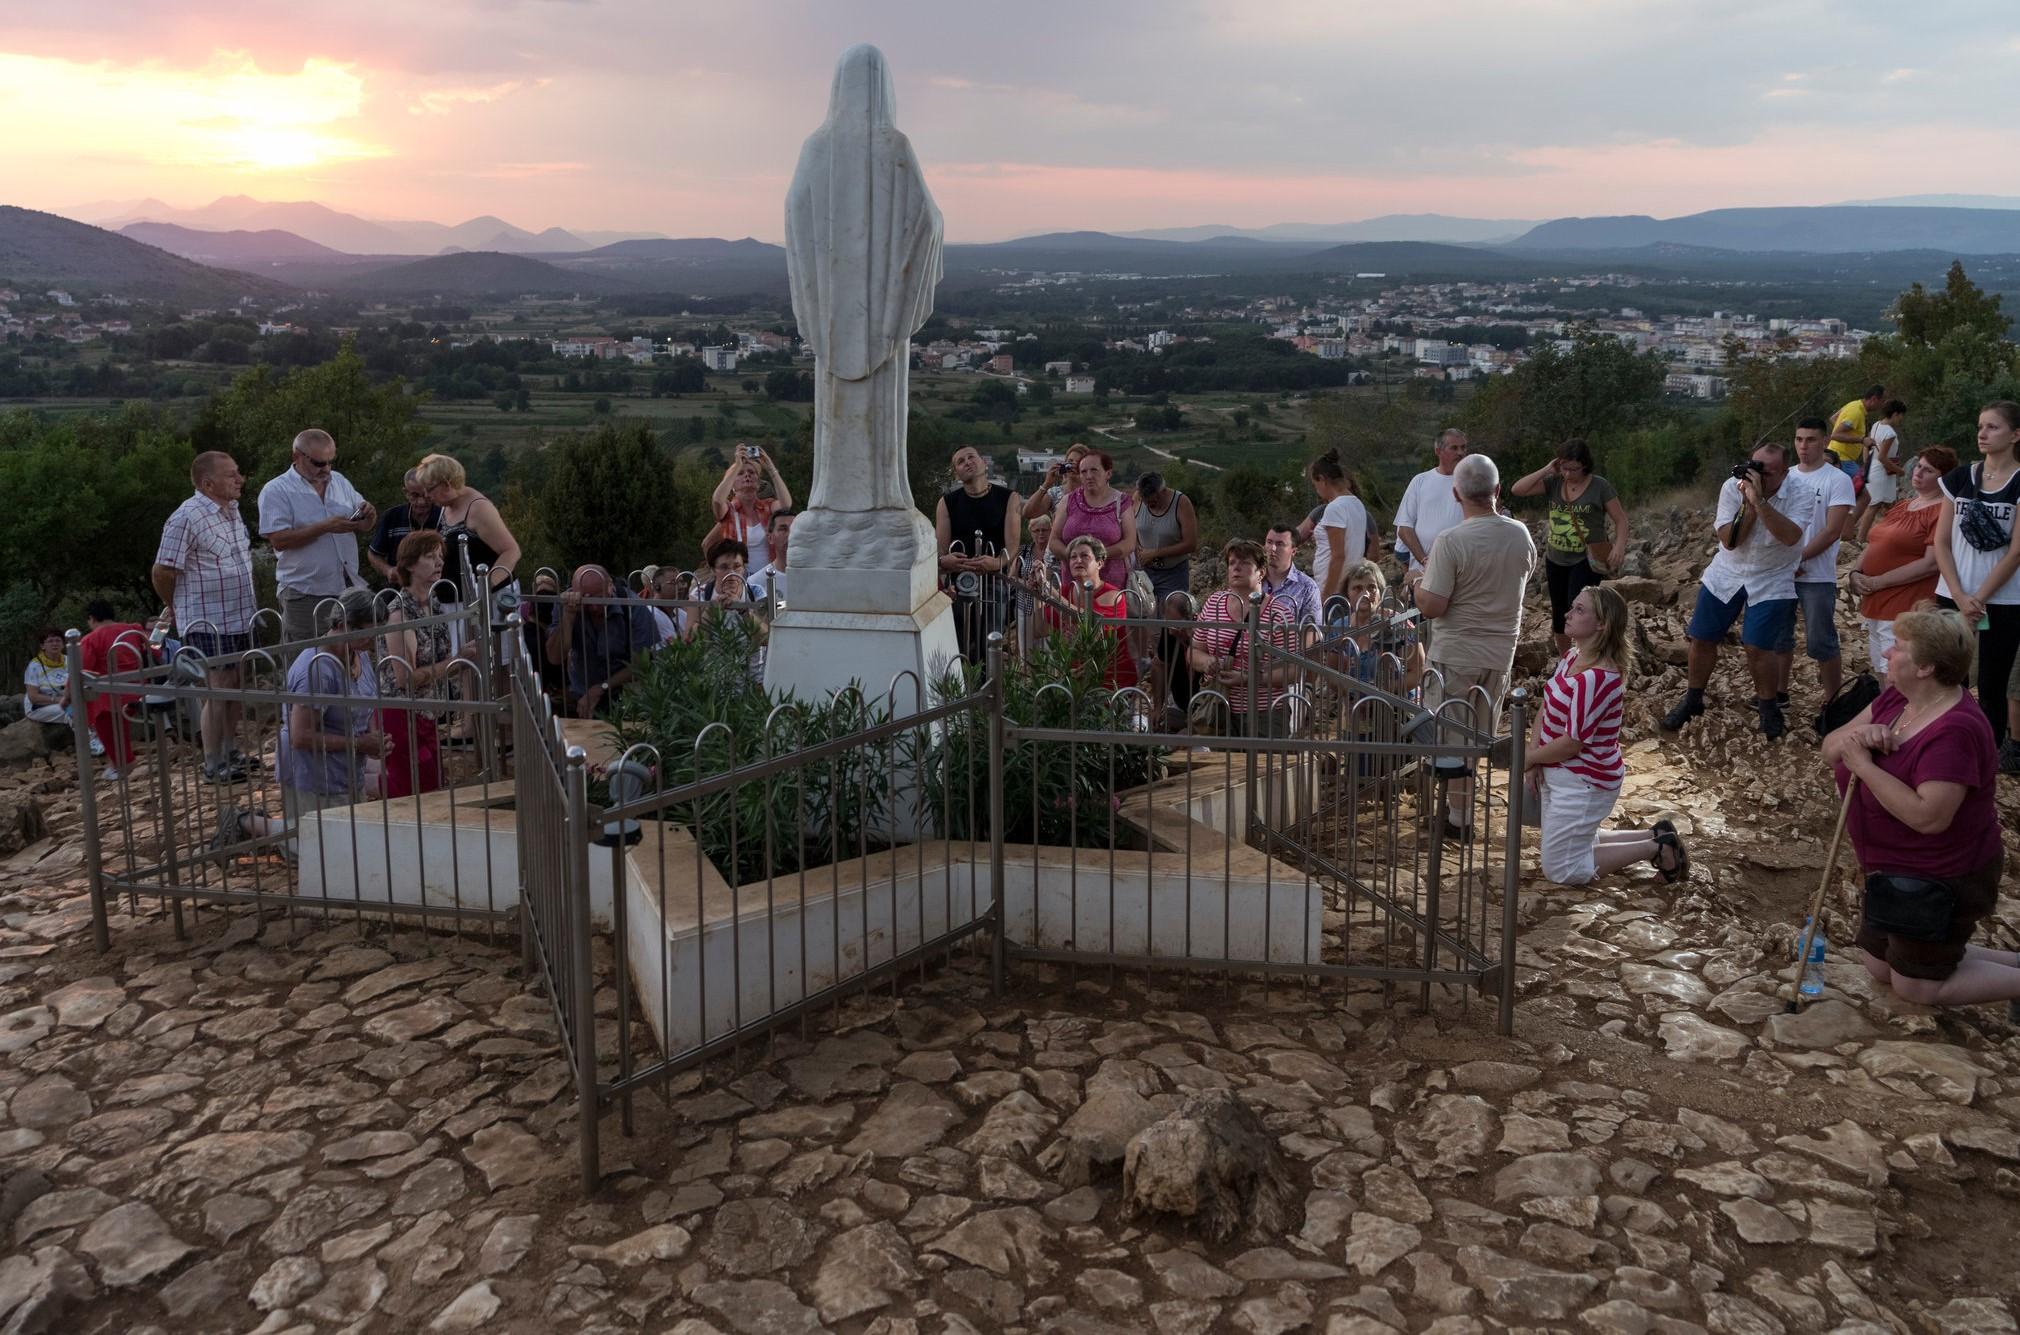 ¿Los Videntes de Medjugorje Ven Realmente a la Virgen María? [¿qué dicen los estudios científicos?]